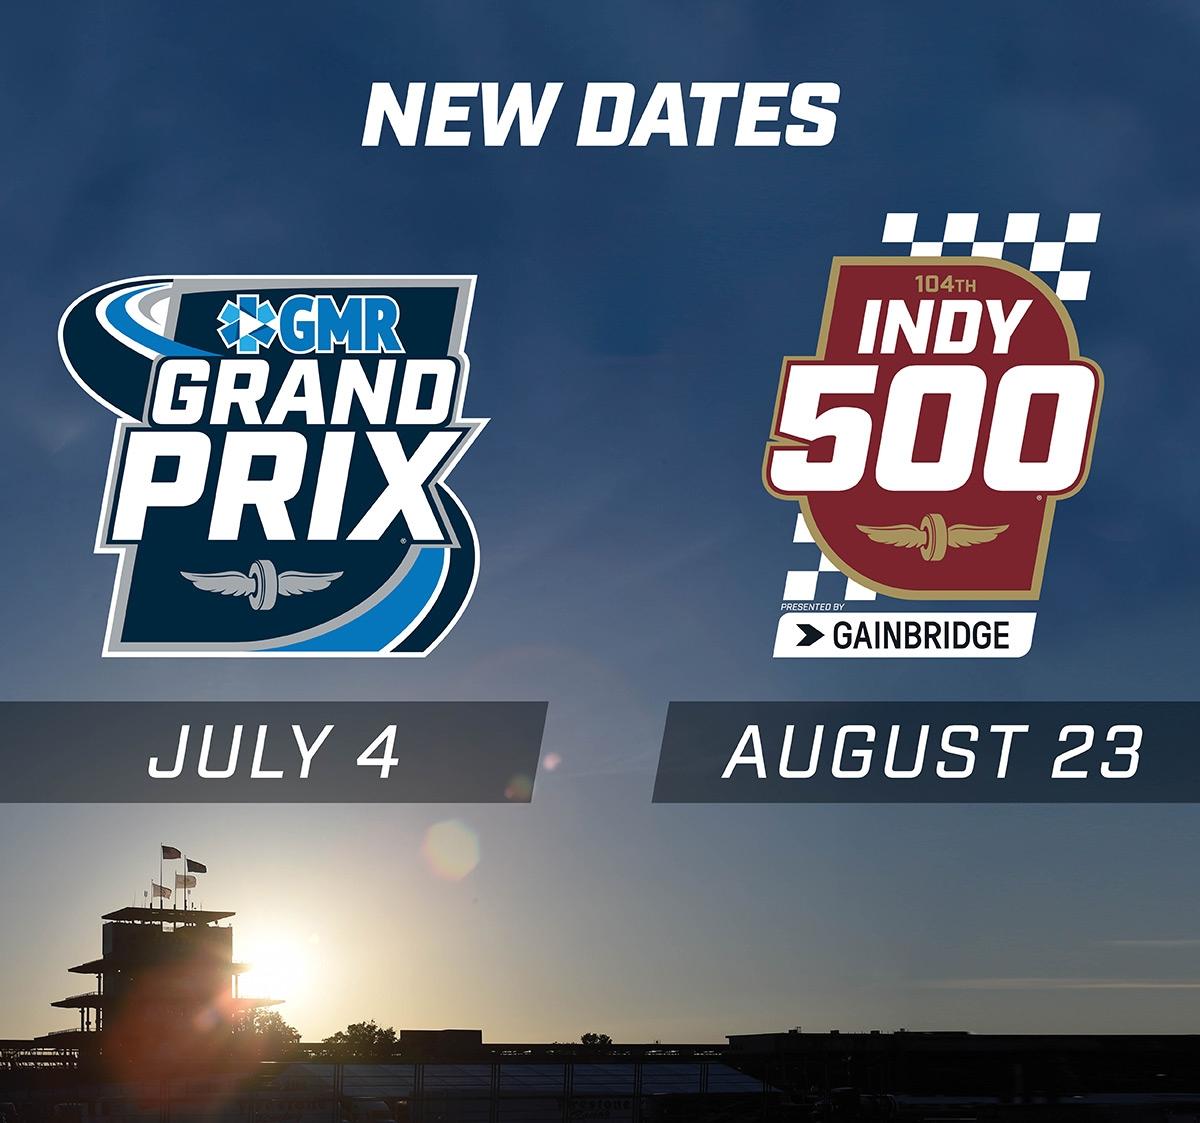 Новые даты гонок в Индианаполисе